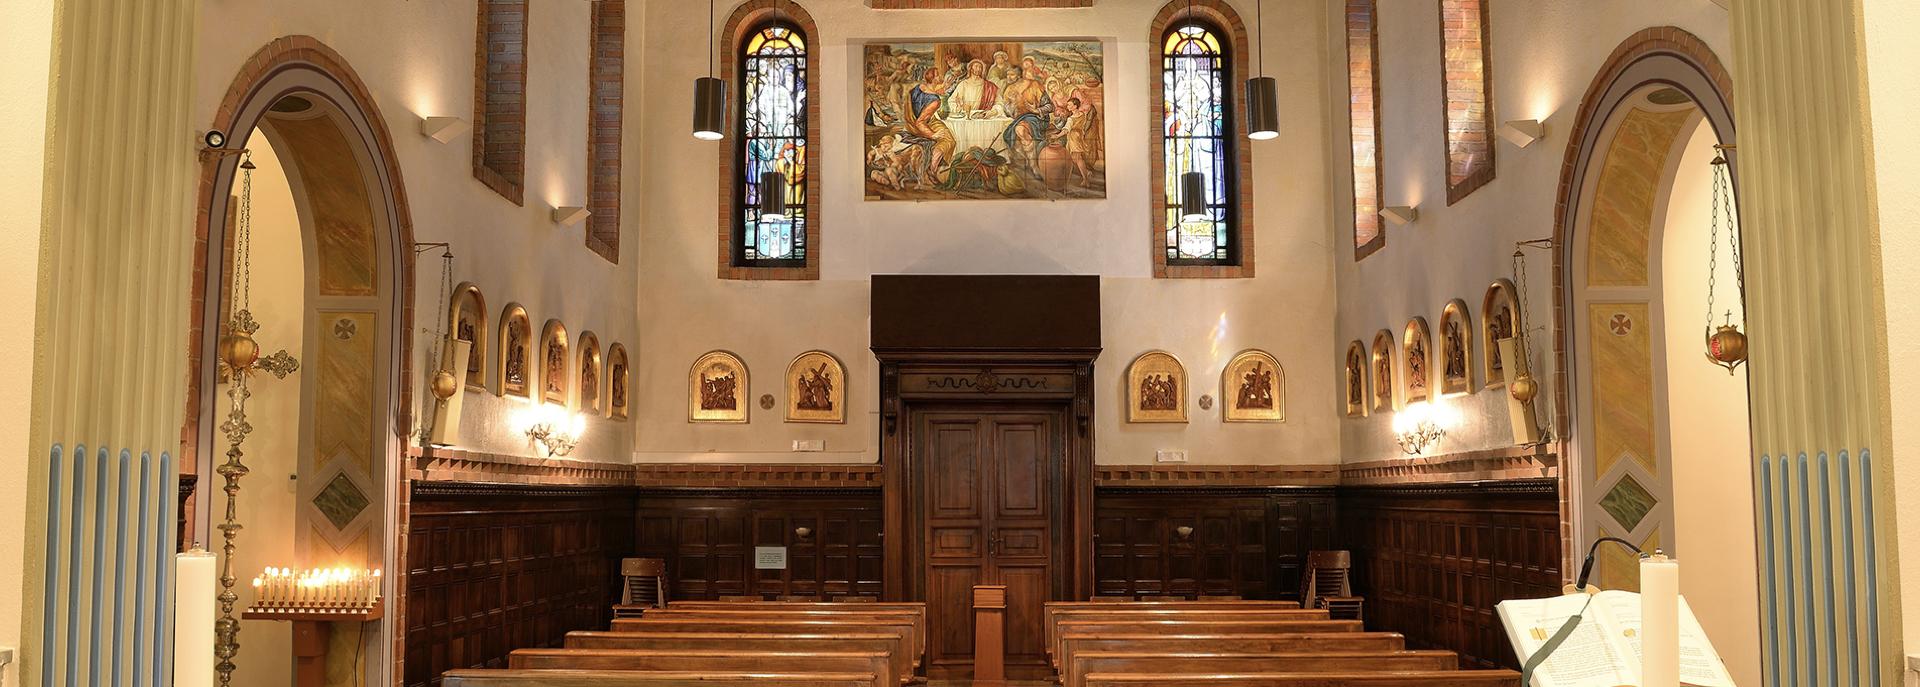 Chiese a Varazze: un percorso tra santuari, monasteri ed edifici religiosi